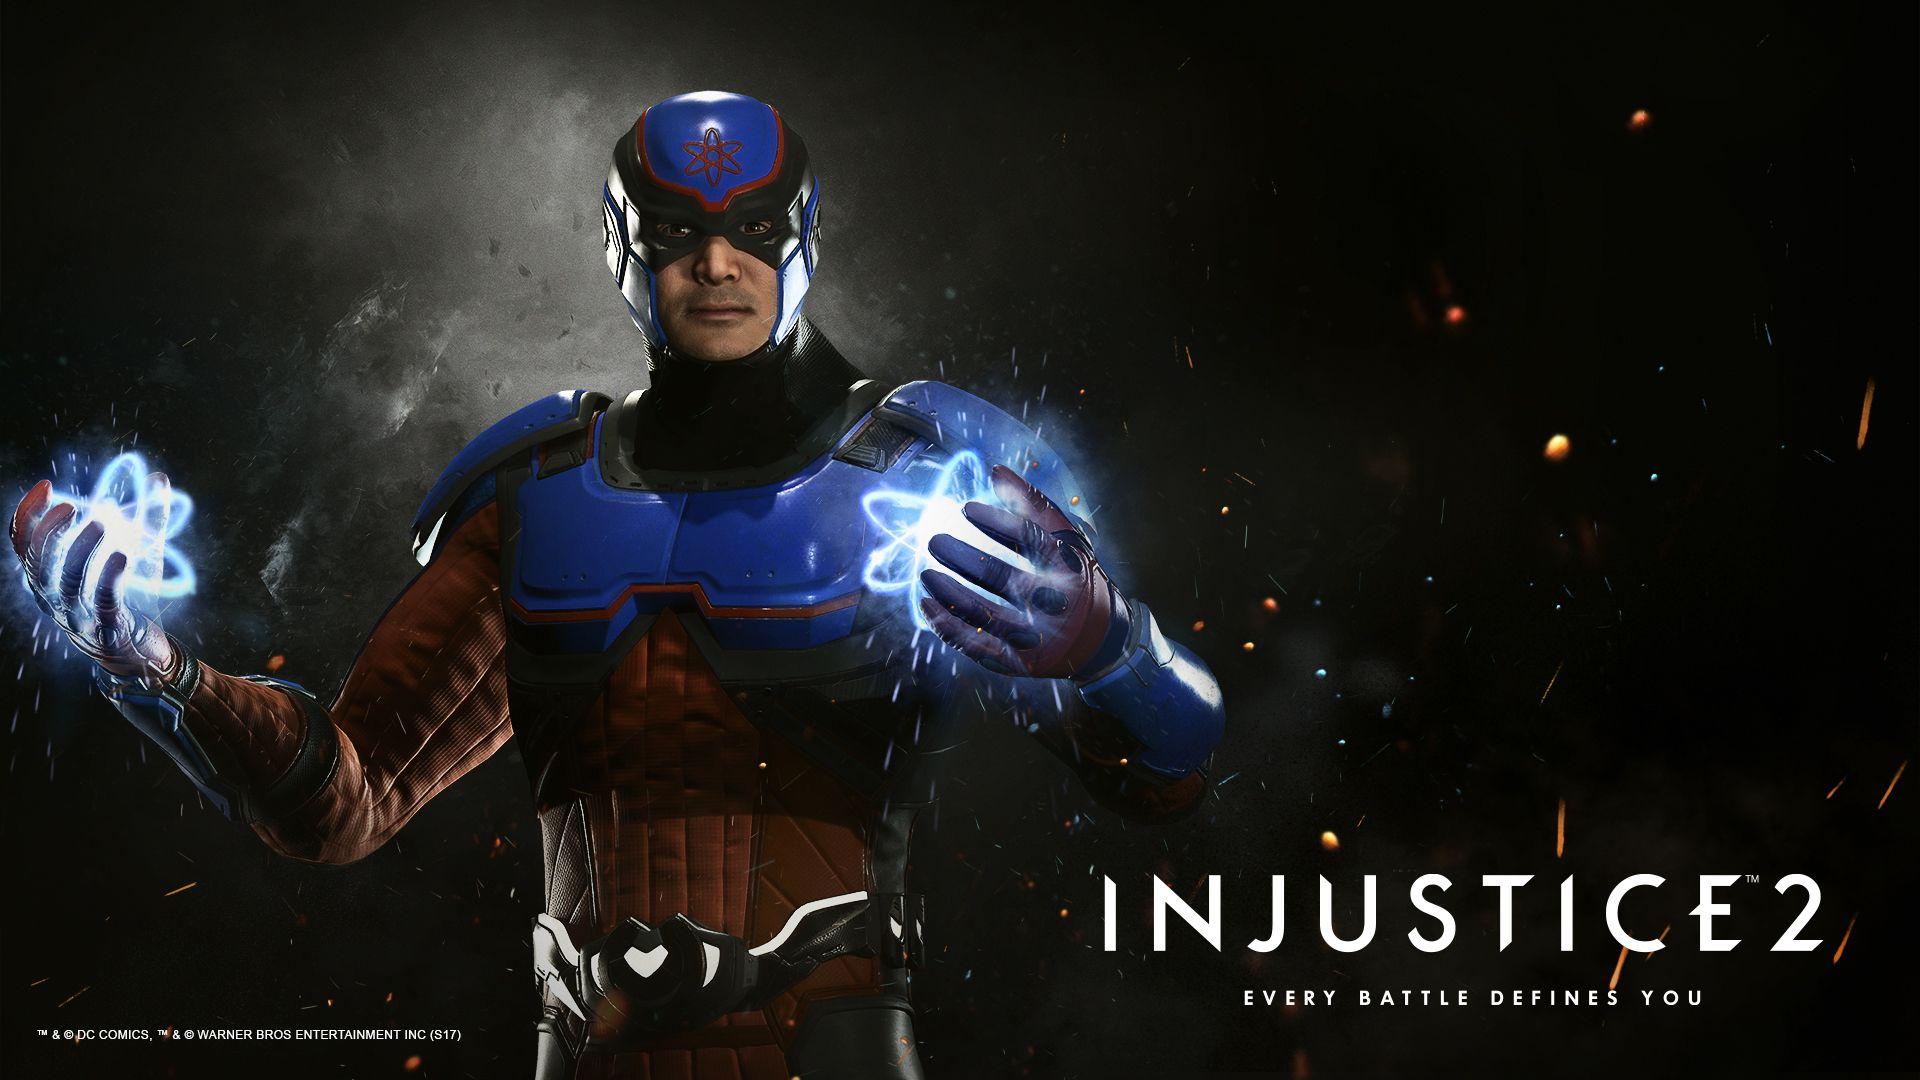 Ryan Choi (Injustice)